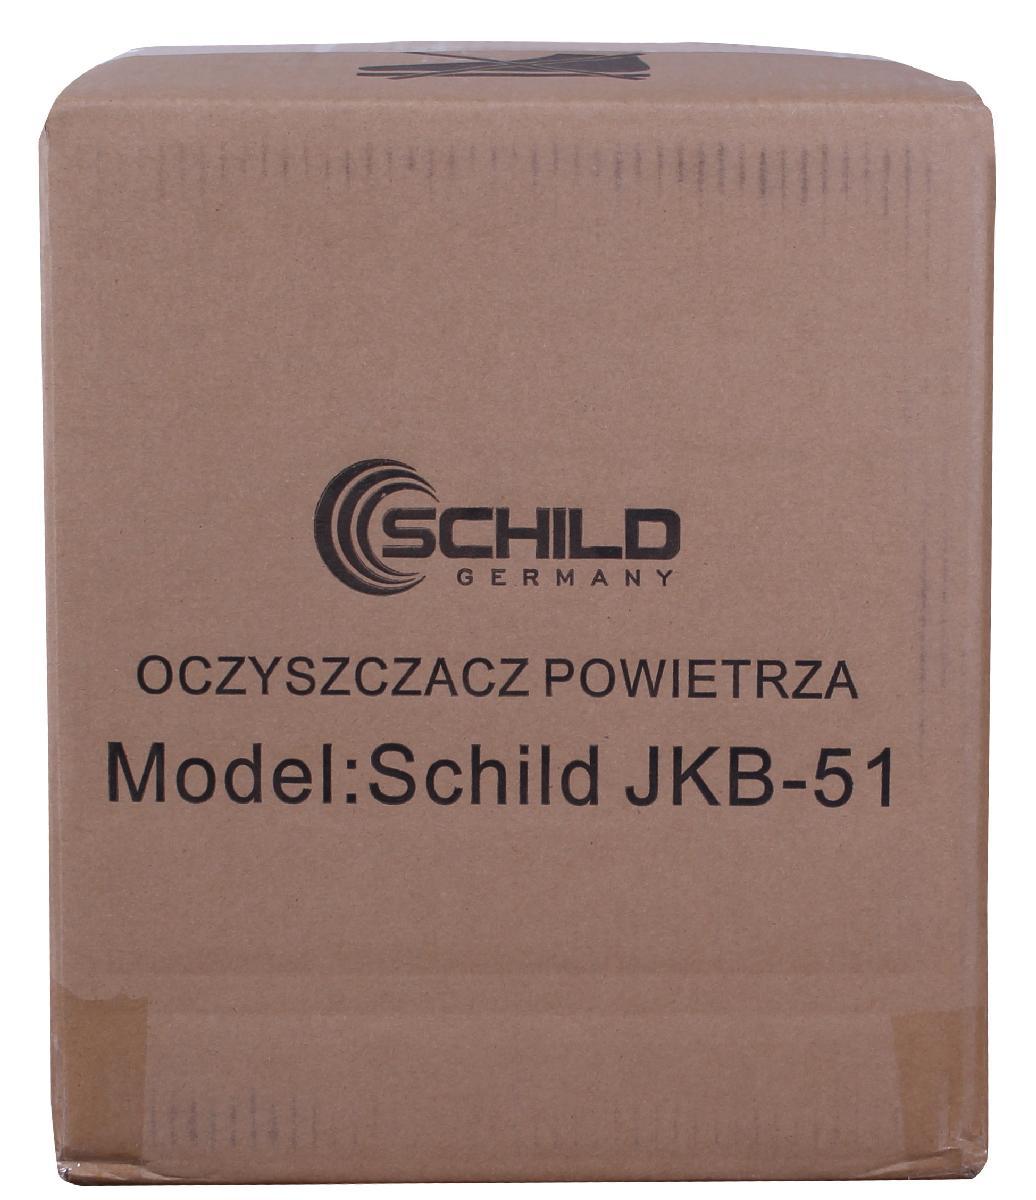 Oczyszczacz powietrza Schild JKB-51 22m2 180m3/h 25W 55db